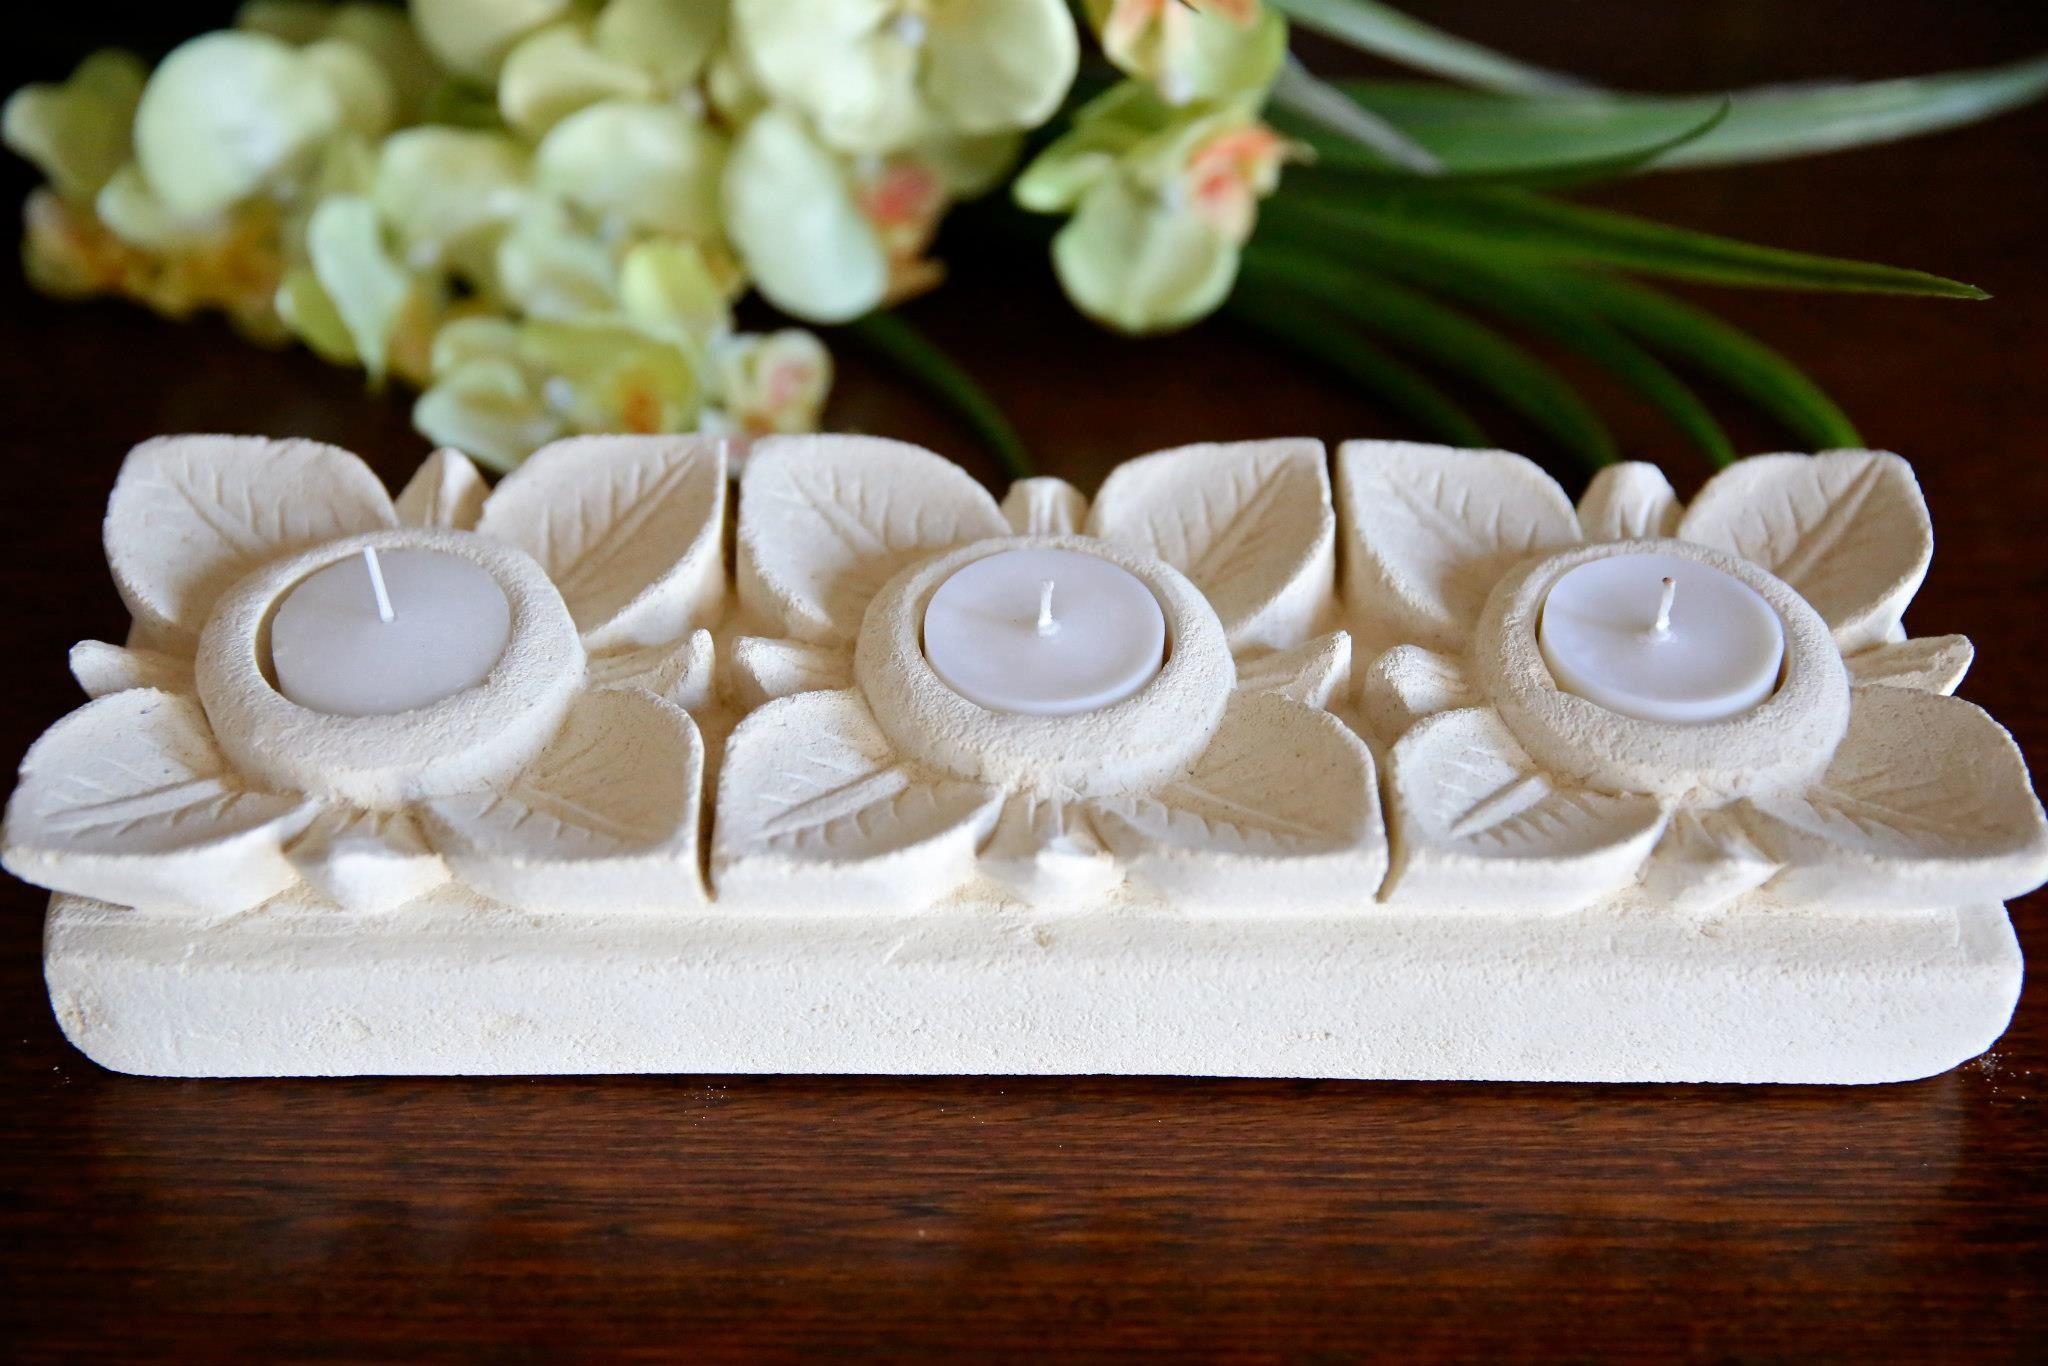 Chandelle galerie lotus flower tea light holders perfect for a gift chandelle galerie lotus flower tea light holders perfect for a gift izmirmasajfo